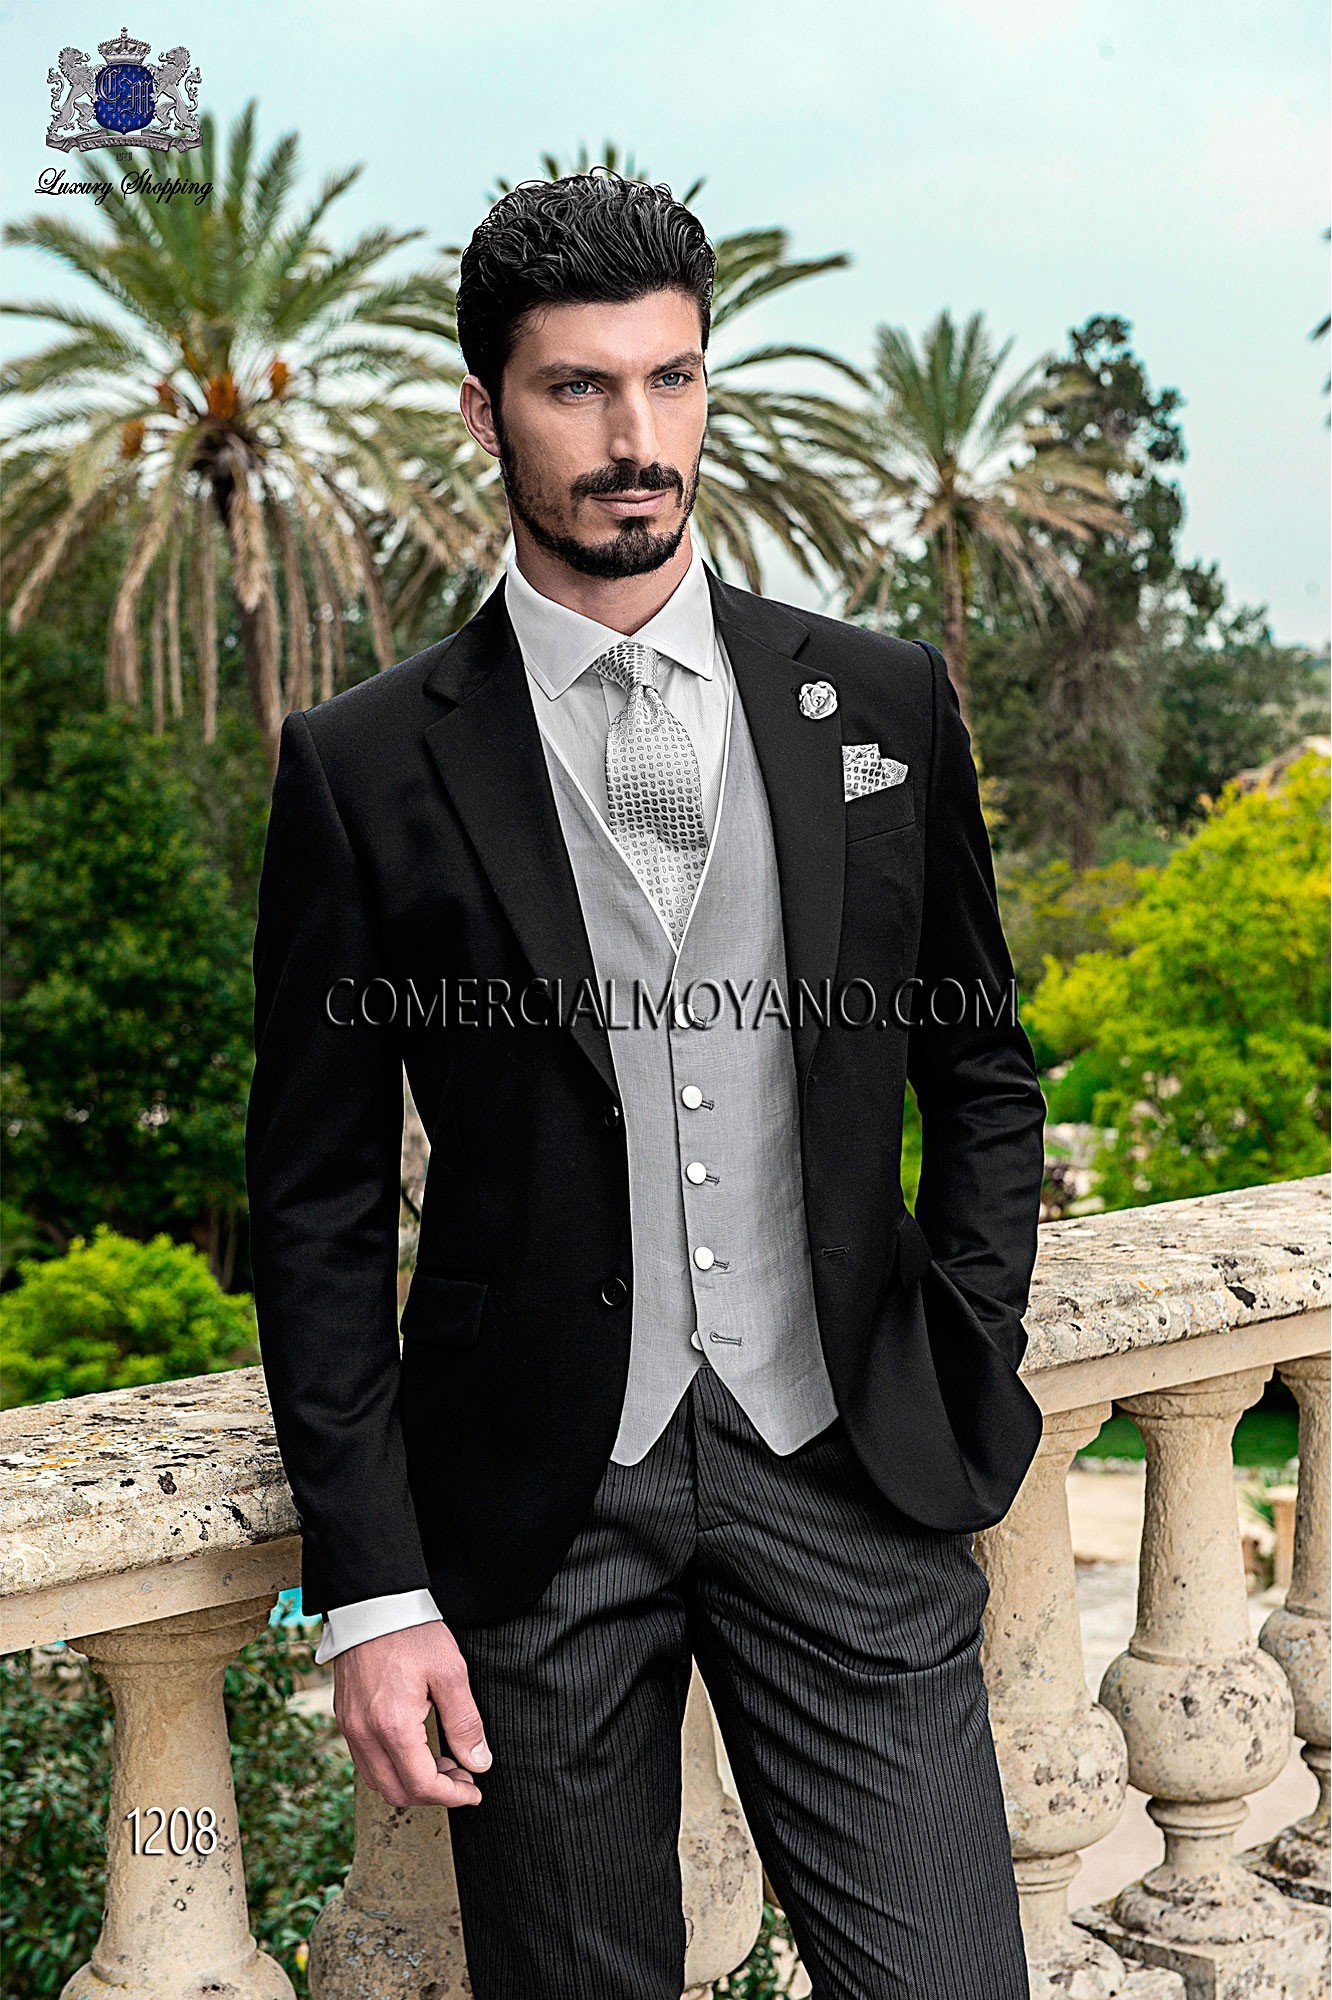 Traje de novio italiano negro modelo: 1208 Ottavio Nuccio Gala colección Gentleman